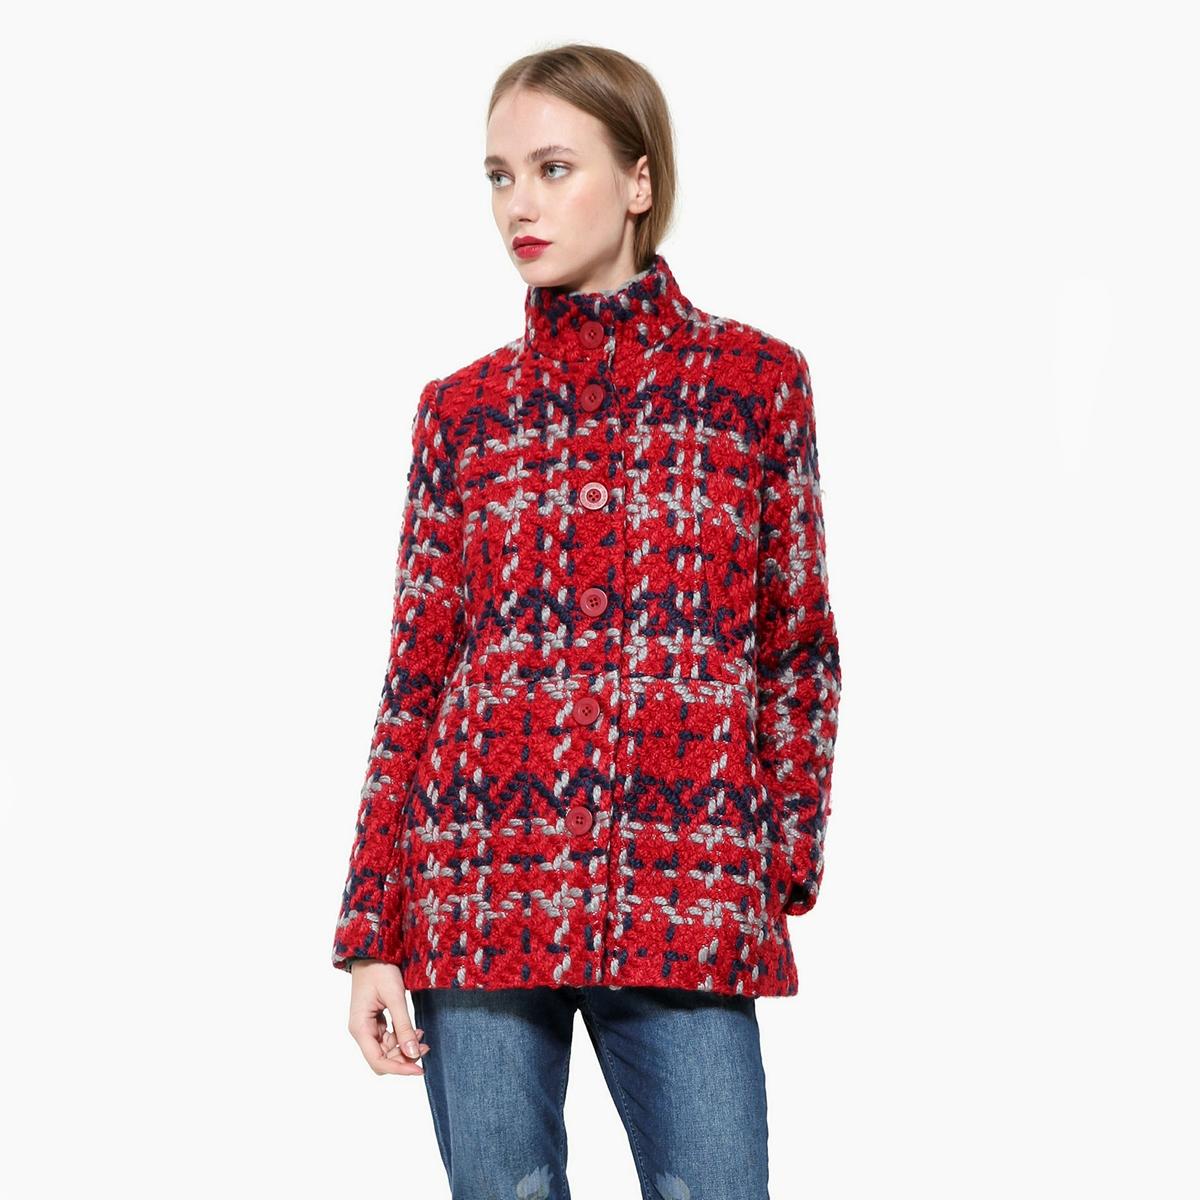 Пальто в клетку средней длиныОписание:В связи с понижением температур, хорошей идеей будет выбор этого пальто в клеткуDESIGUAL из смесовой шерсти. Высокий воротник. Планка застежки на пуговицы спереди.Детали •  Длина : средняя •  Воротник-стойка •  Рисунок в клетку • Застежка на пуговицыСостав и уход •  23% шерсти, 2% полиамида, 75% полиэстера •  Следуйте рекомендациям по уходу, указанным на этикетке изделия<br><br>Цвет: красный<br>Размер: 40 (FR) - 46 (RUS).36 (FR) - 42 (RUS)